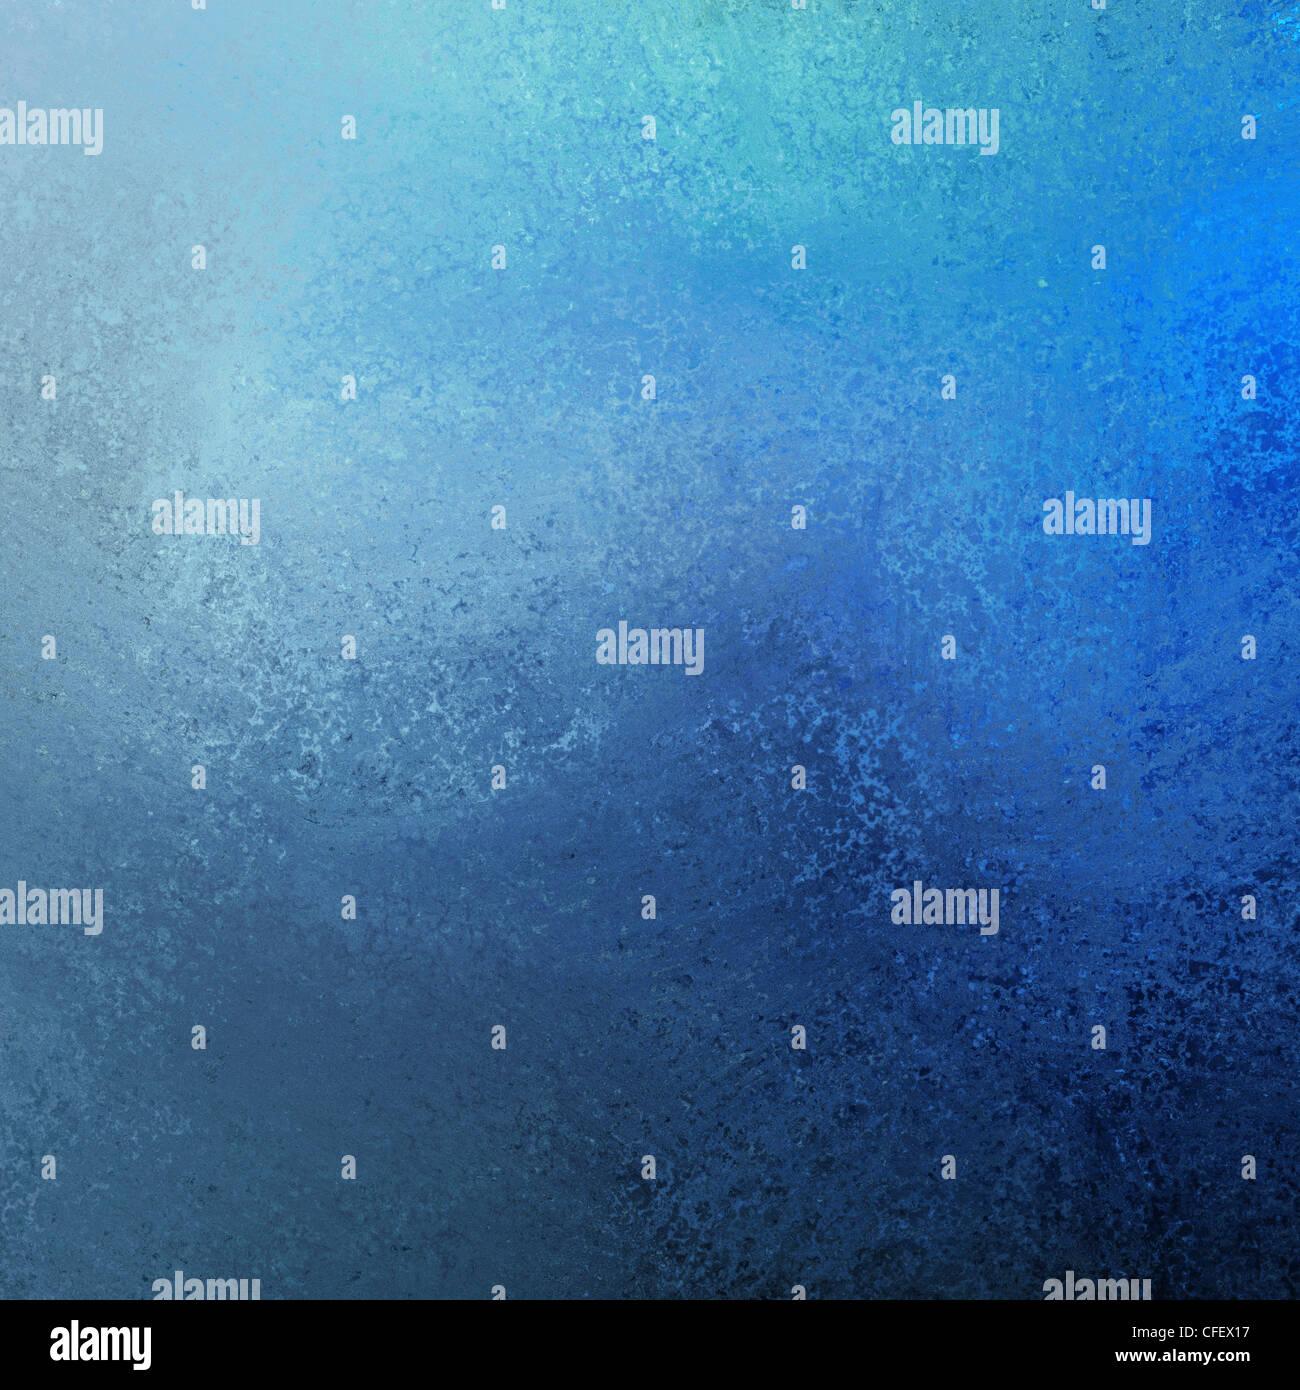 Artístico de pintura azul ilustración con fondo oscuro y contraste de luz color Imagen De Stock